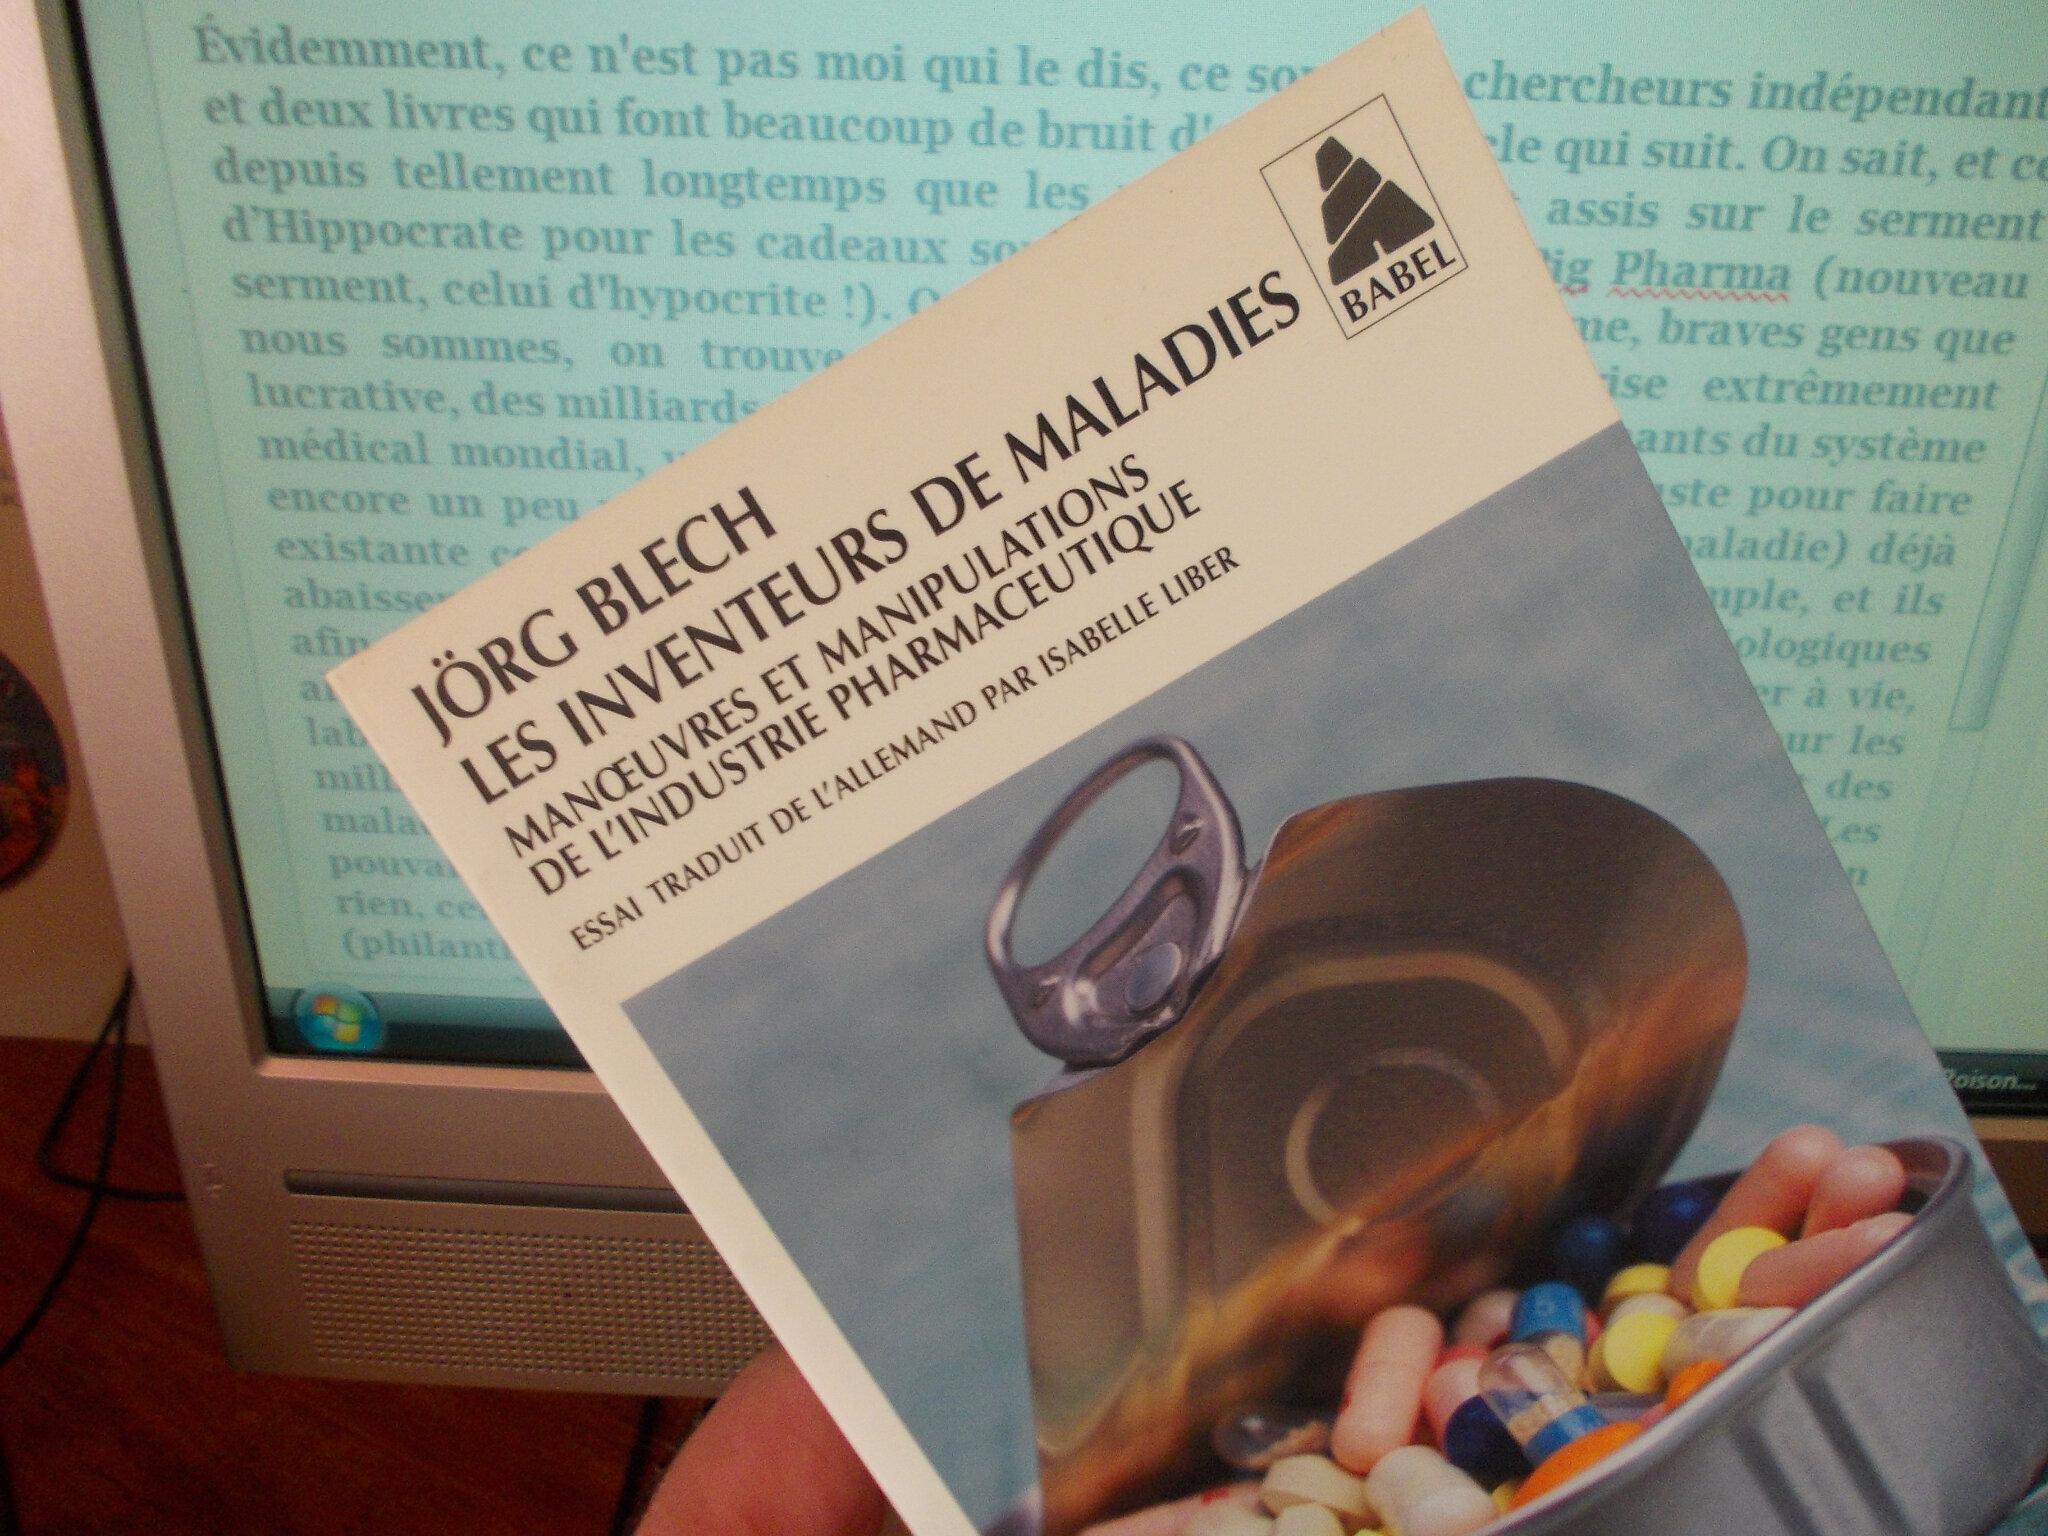 Médicaments : effets secondaires la mort ...